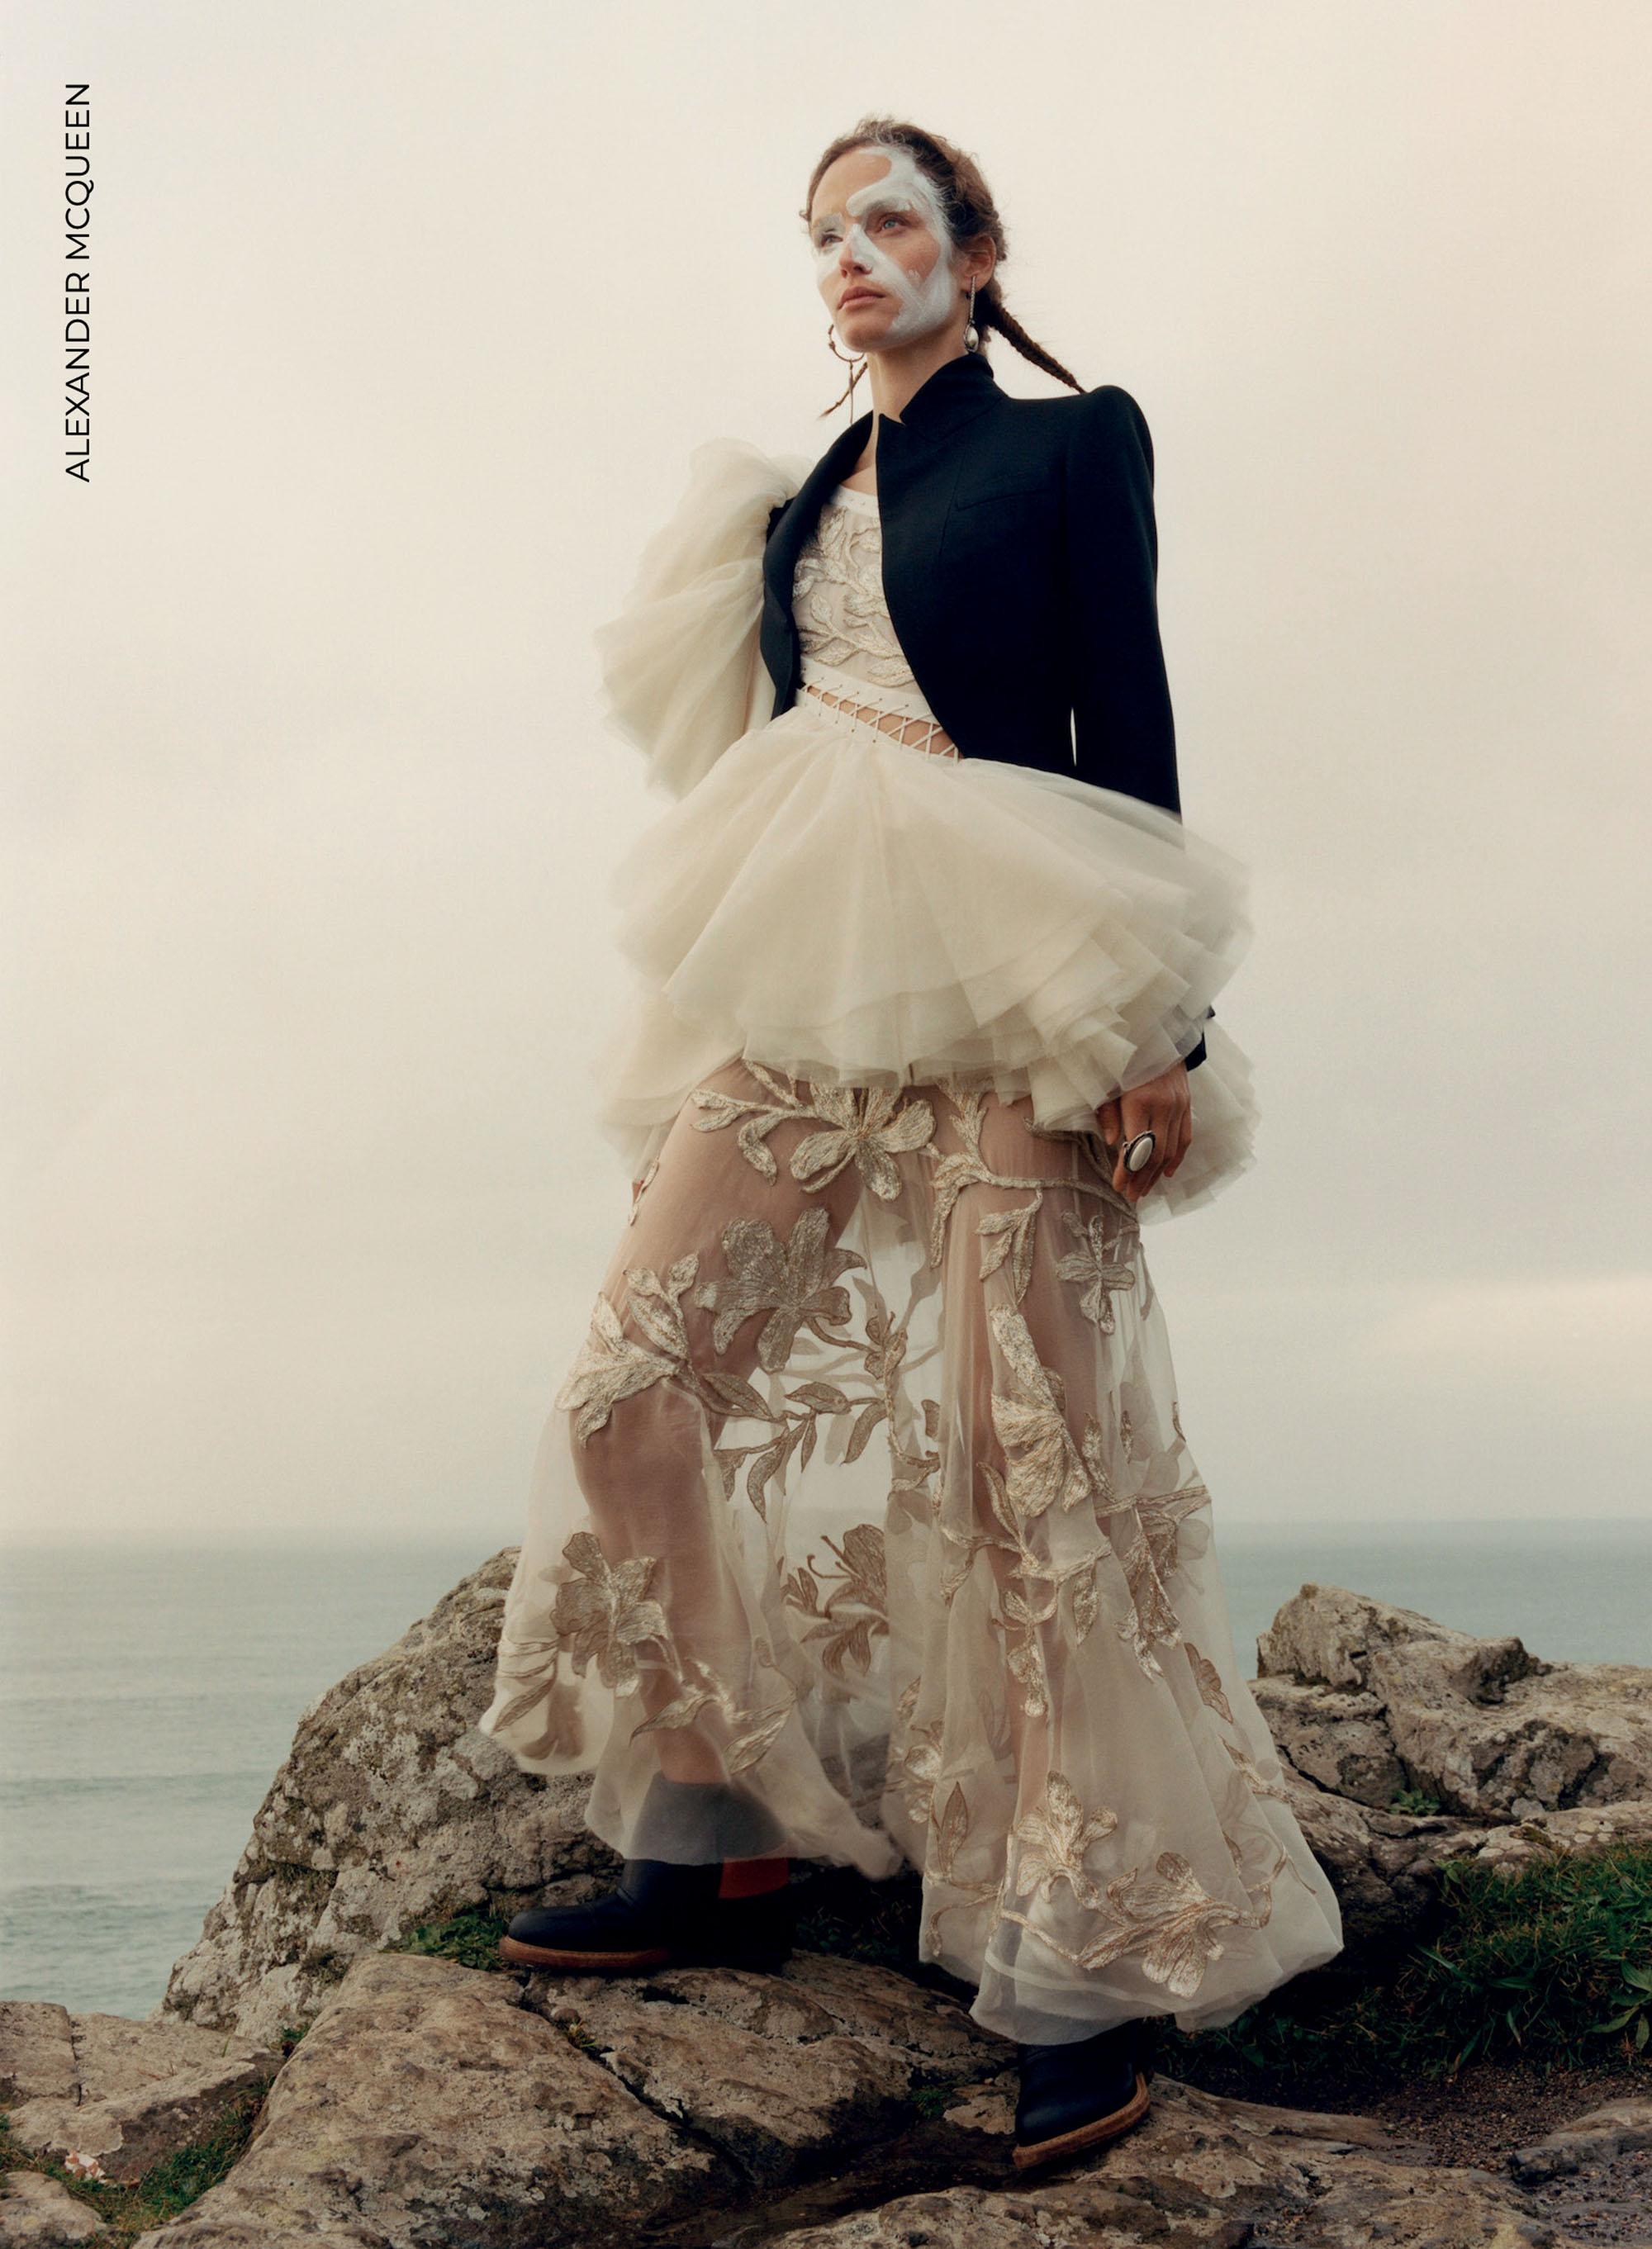 bst bảo vệ môi trường của thương hiệu thời trang alexander mcqueen